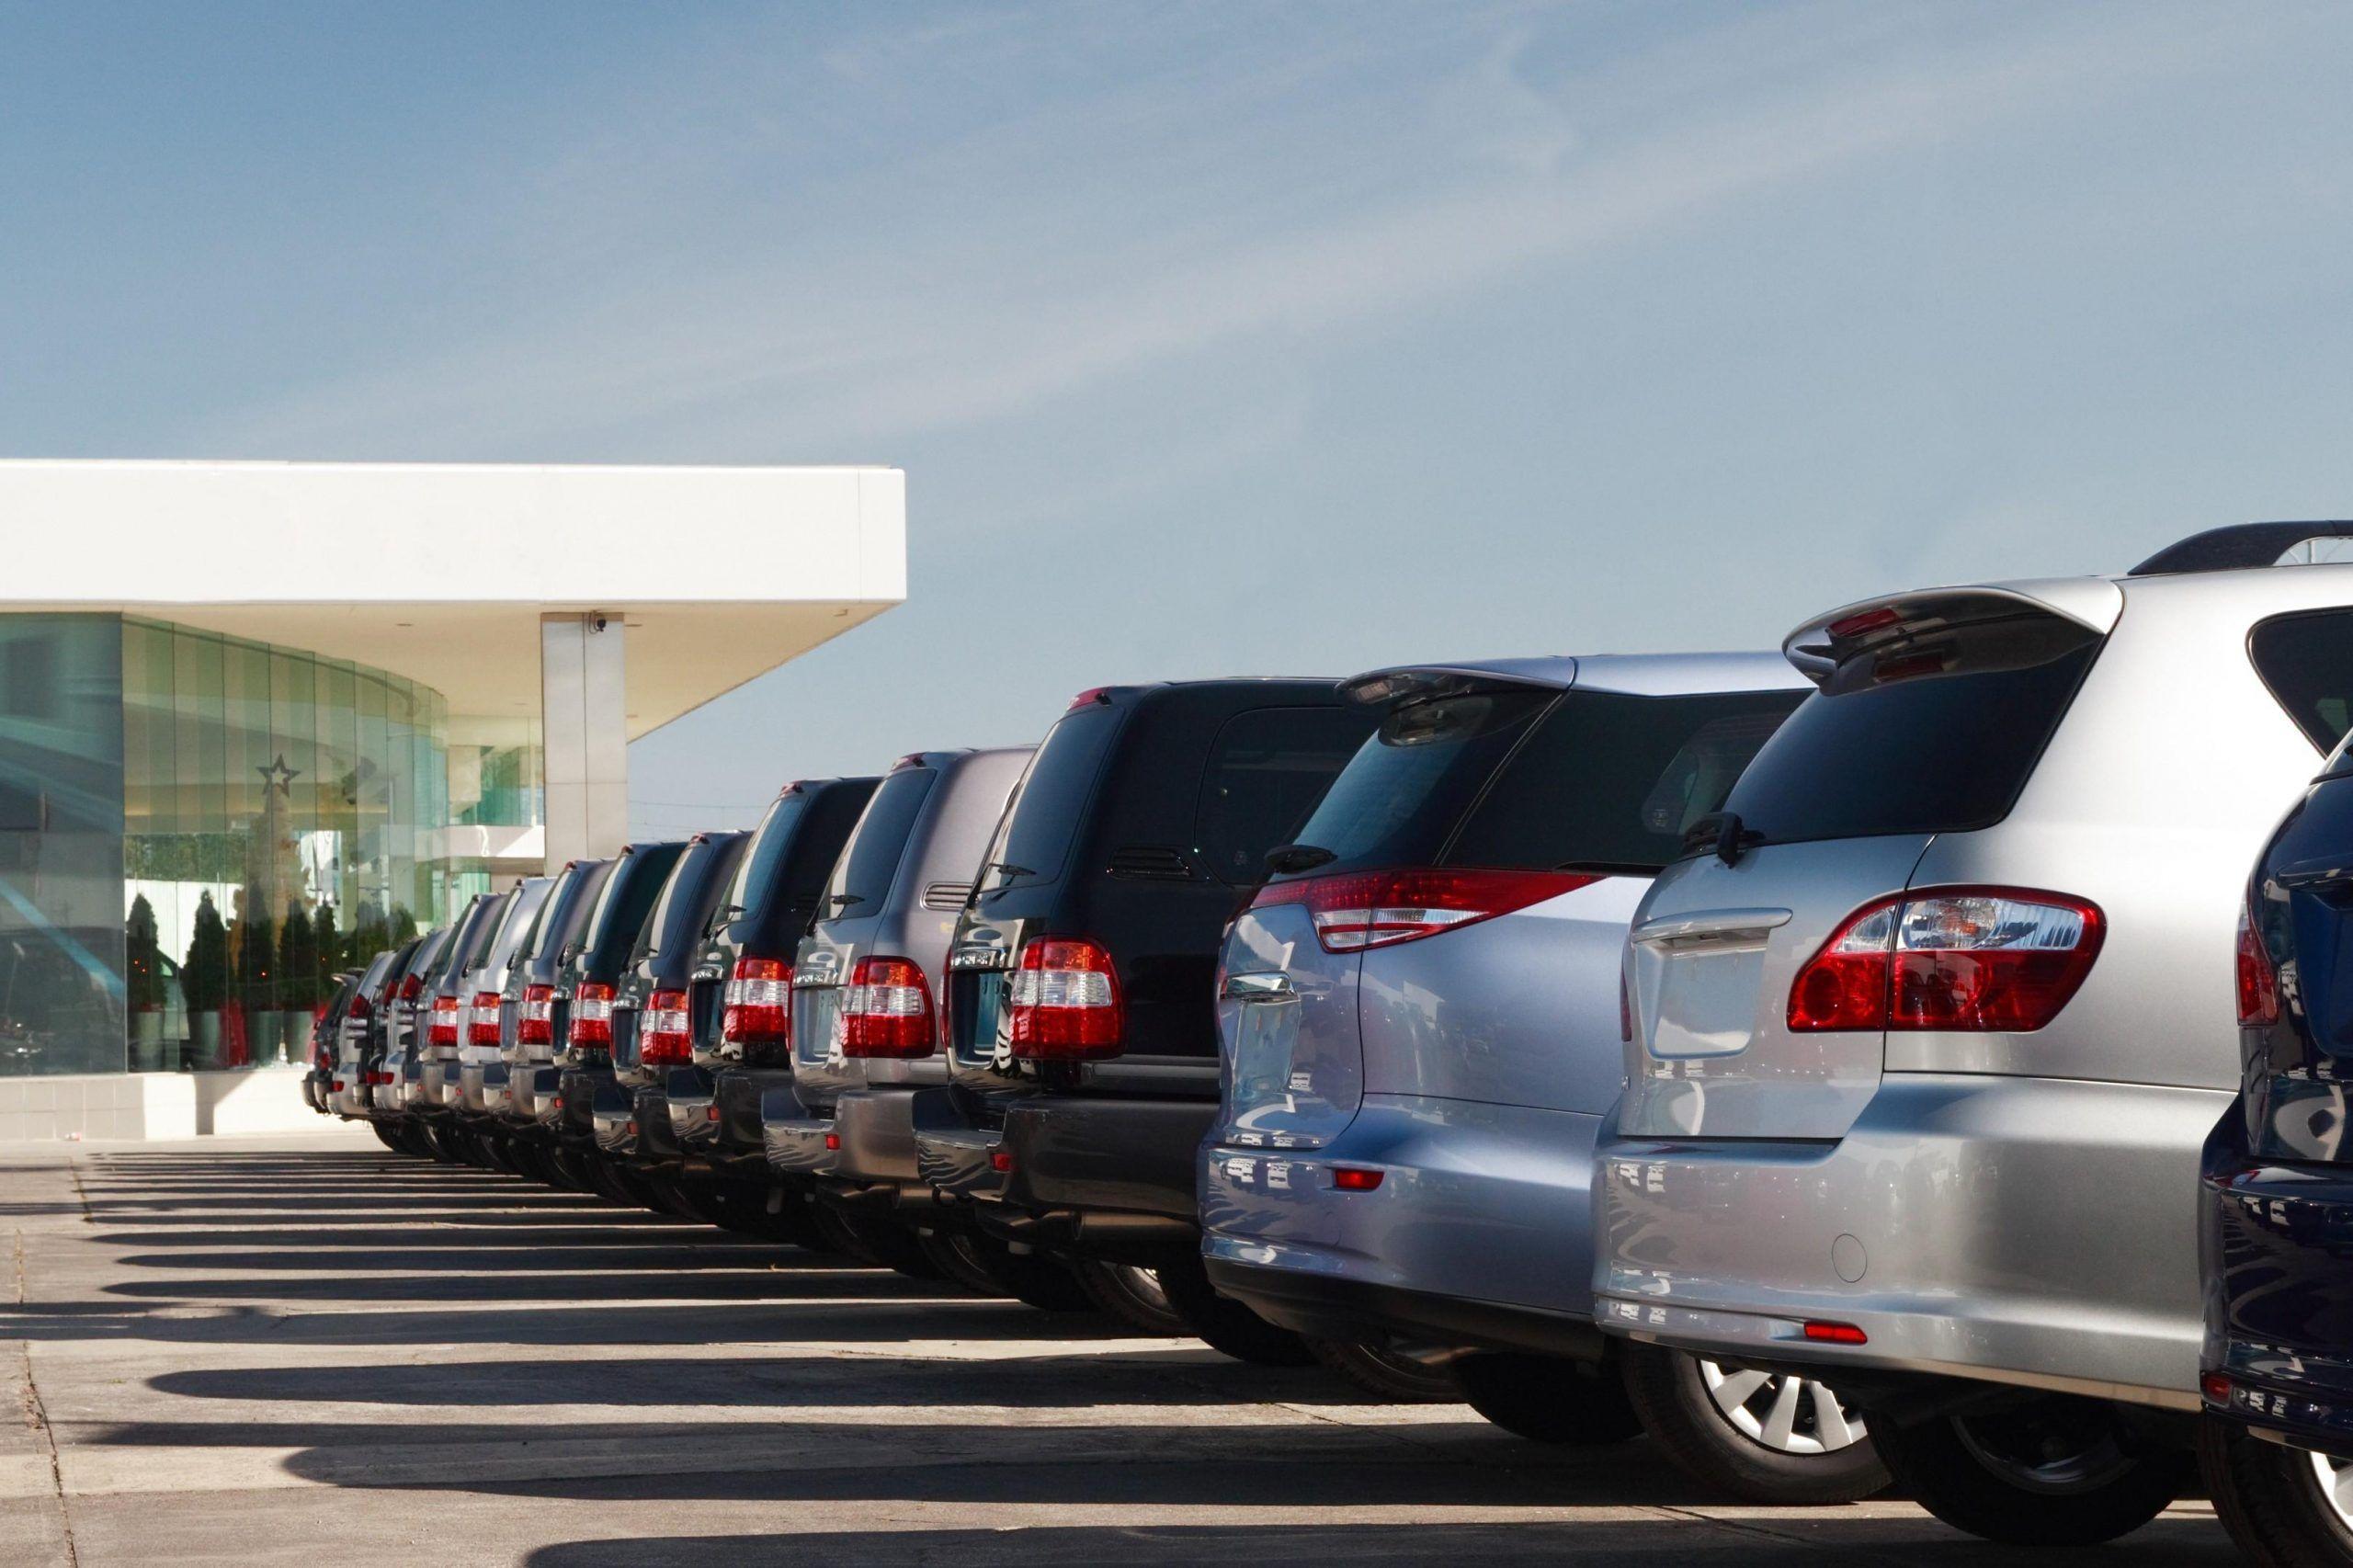 Vendite Auto 2015: spesi 4 miliardi in più su nuove vetture